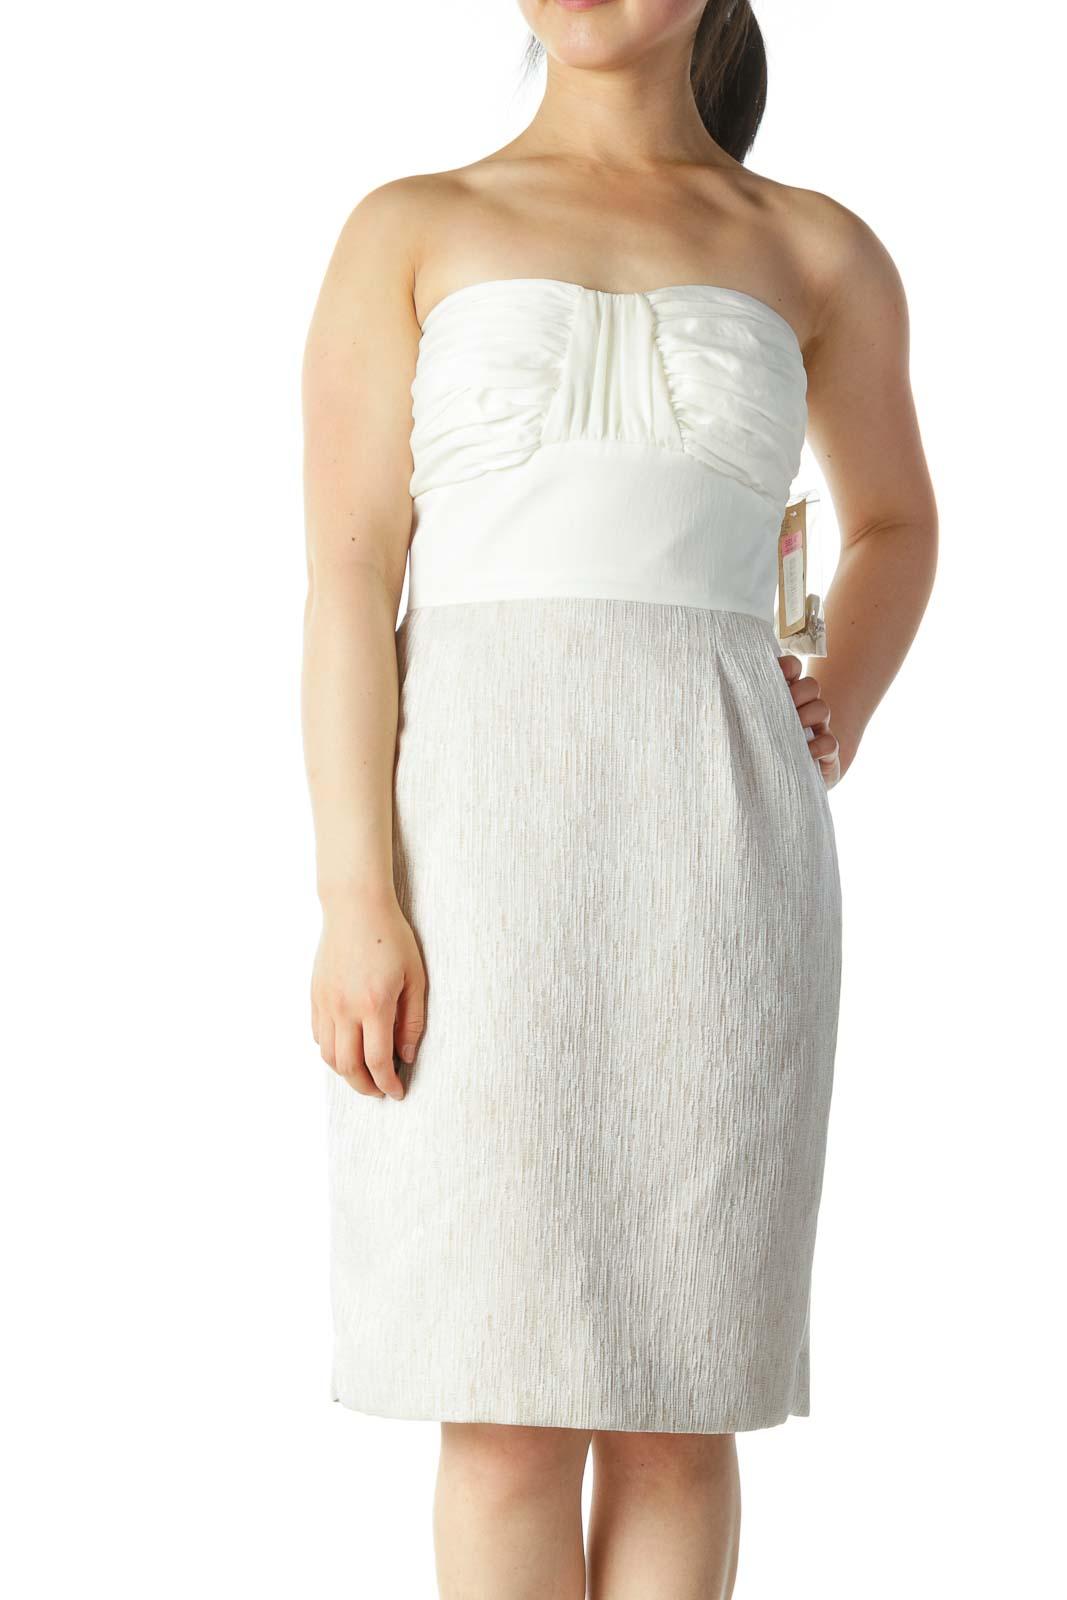 Cream Beige Strapless Textured Cocktail Dress Front